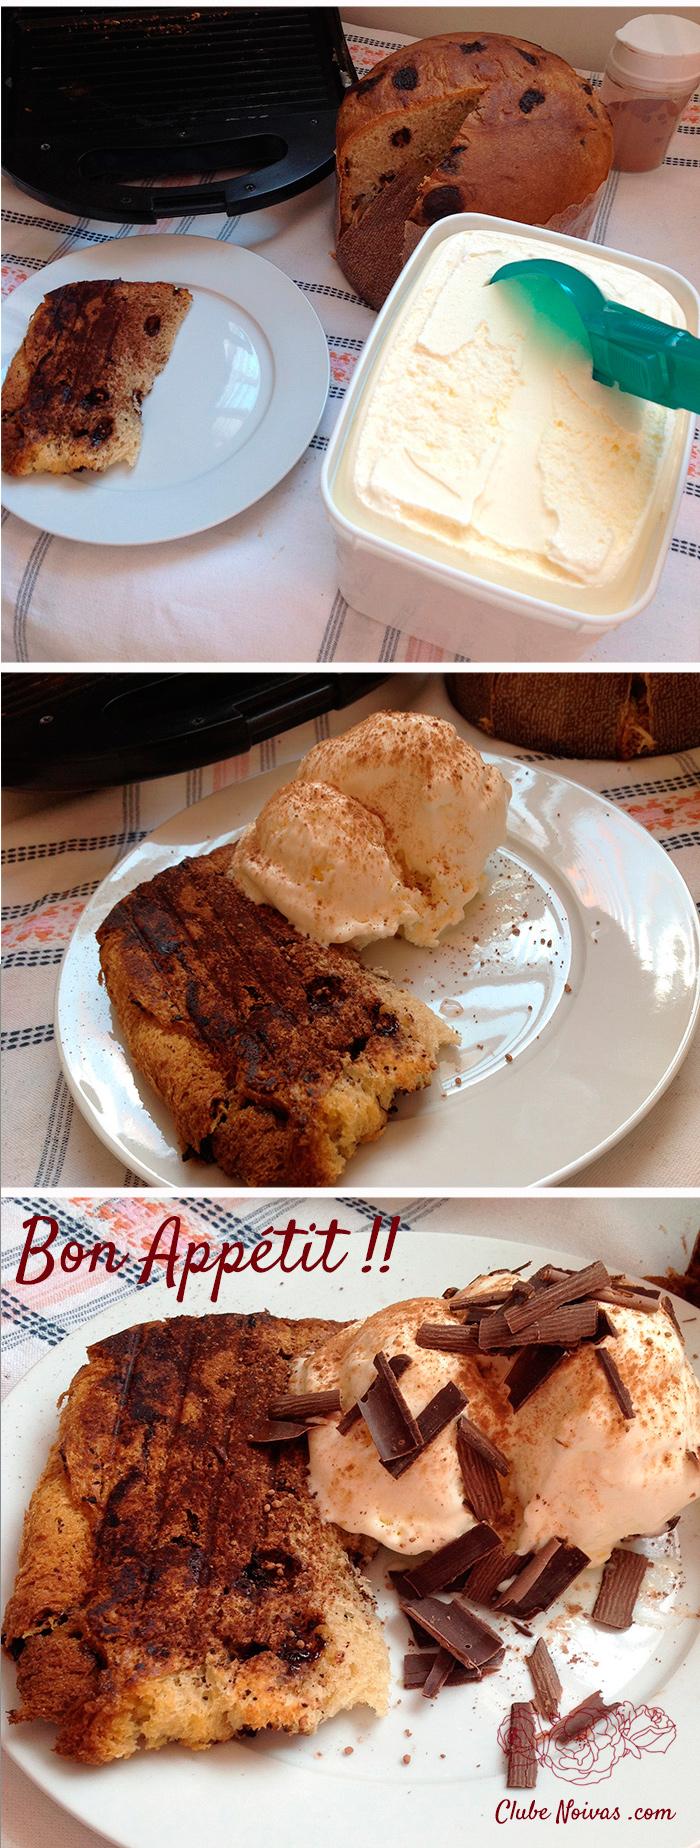 Sobremesa de panetone e sorvete - receita